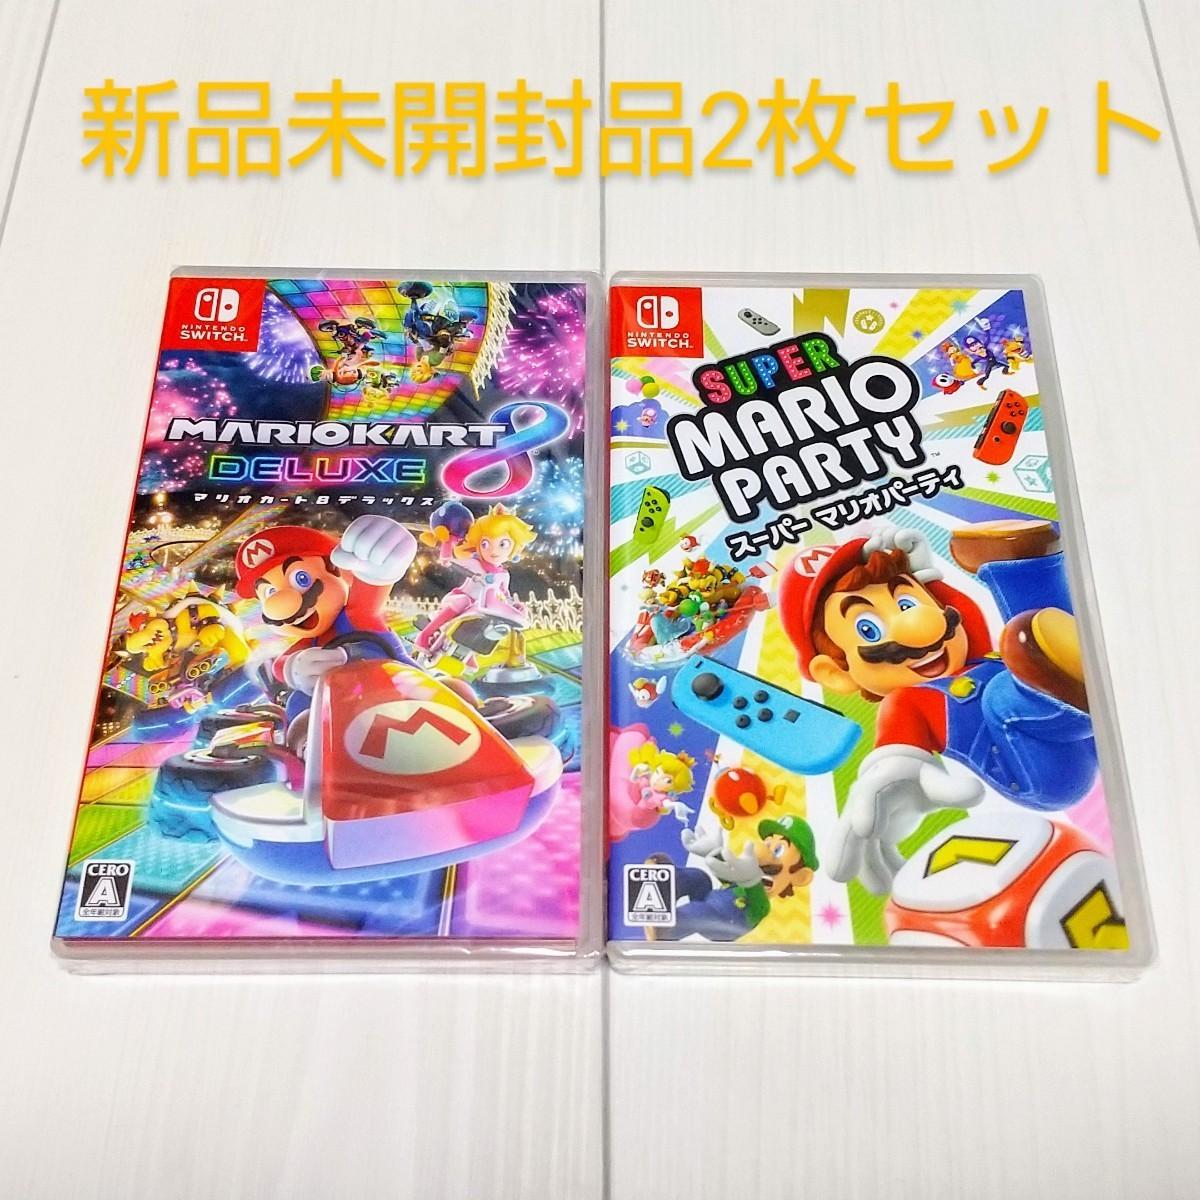 新品未開封2本セット マリオカート8デラックス スーパーマリオパーティ Nintendo Switch  ニンテンドースイッチ